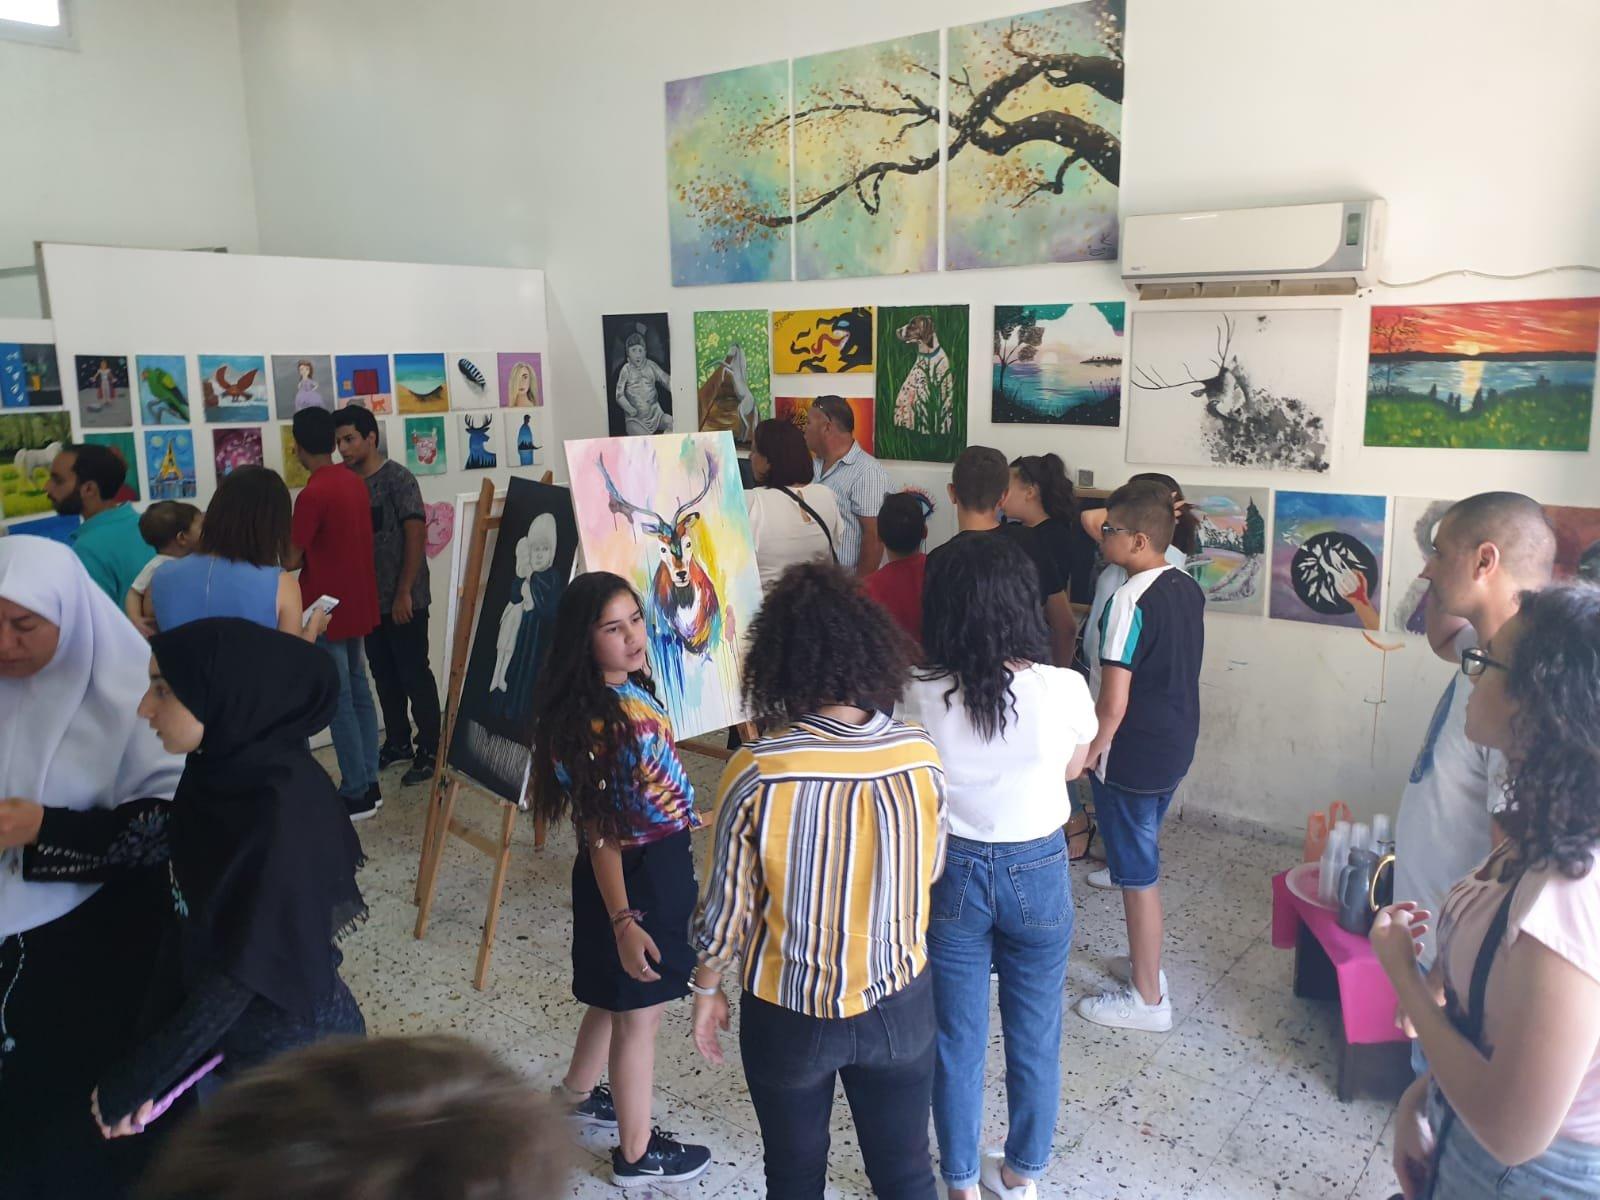 'المرسم' .. مركز لتطوير المهارات والثقافة الفنية في يافة الناصرة بإدارة الفنان جابر عباس